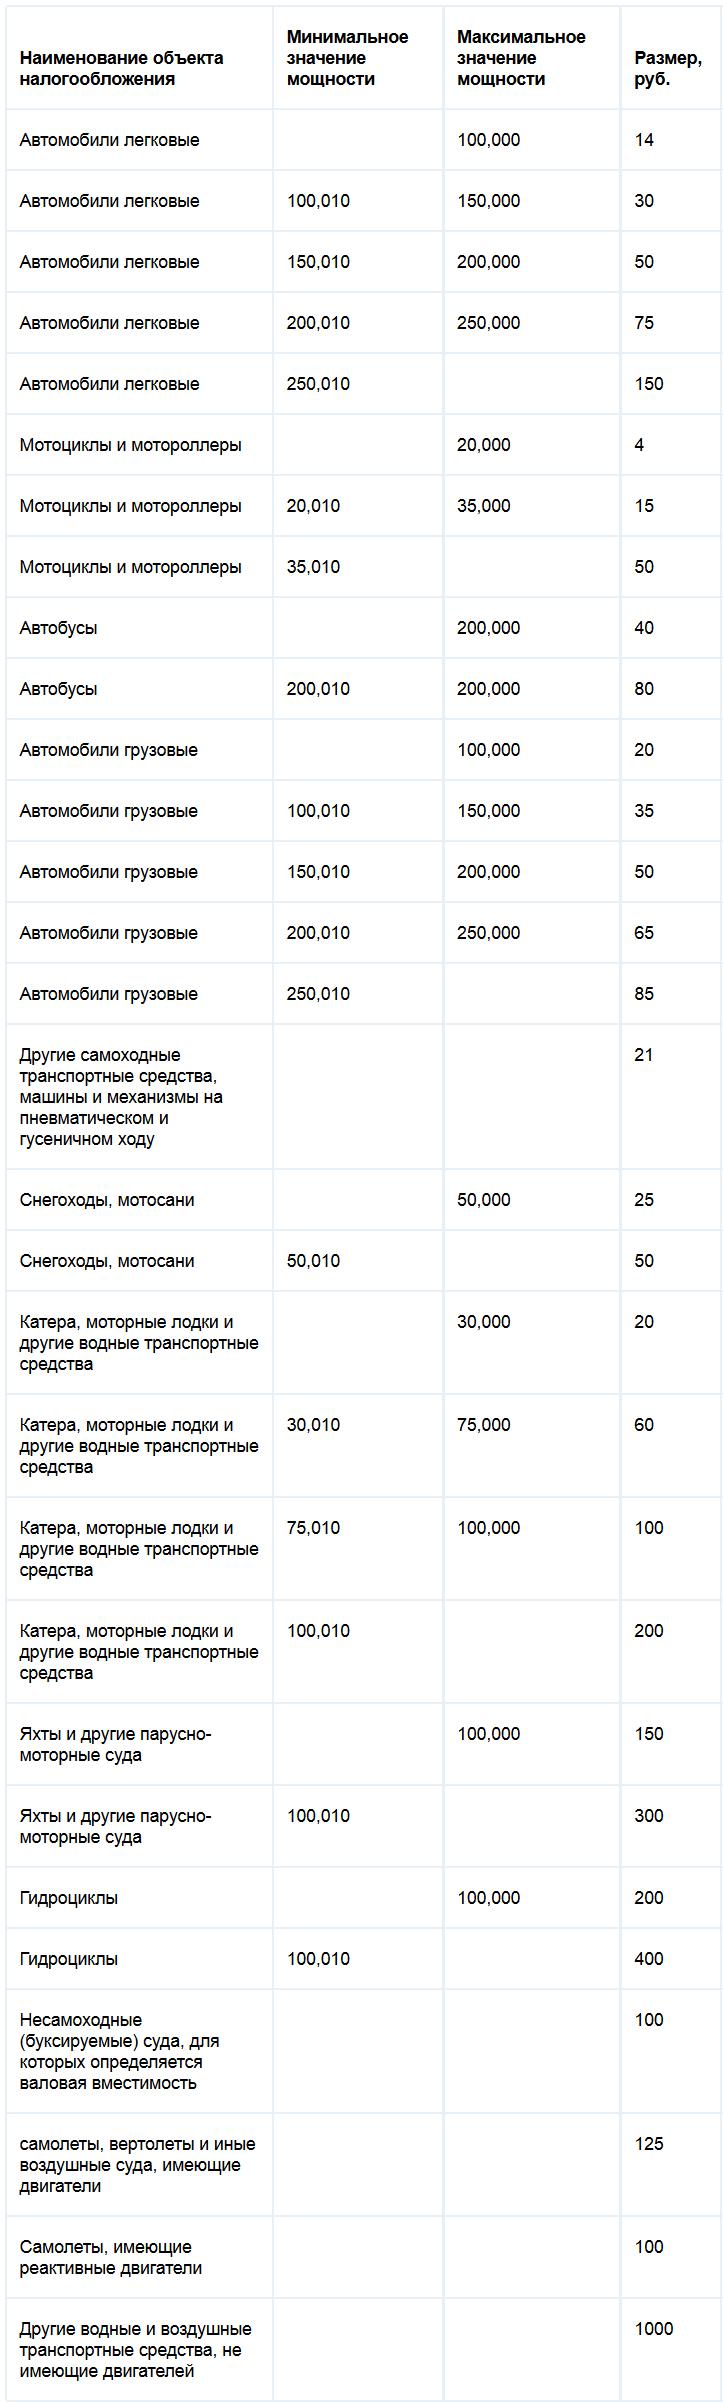 Ставки транспортного налога Саратовской области